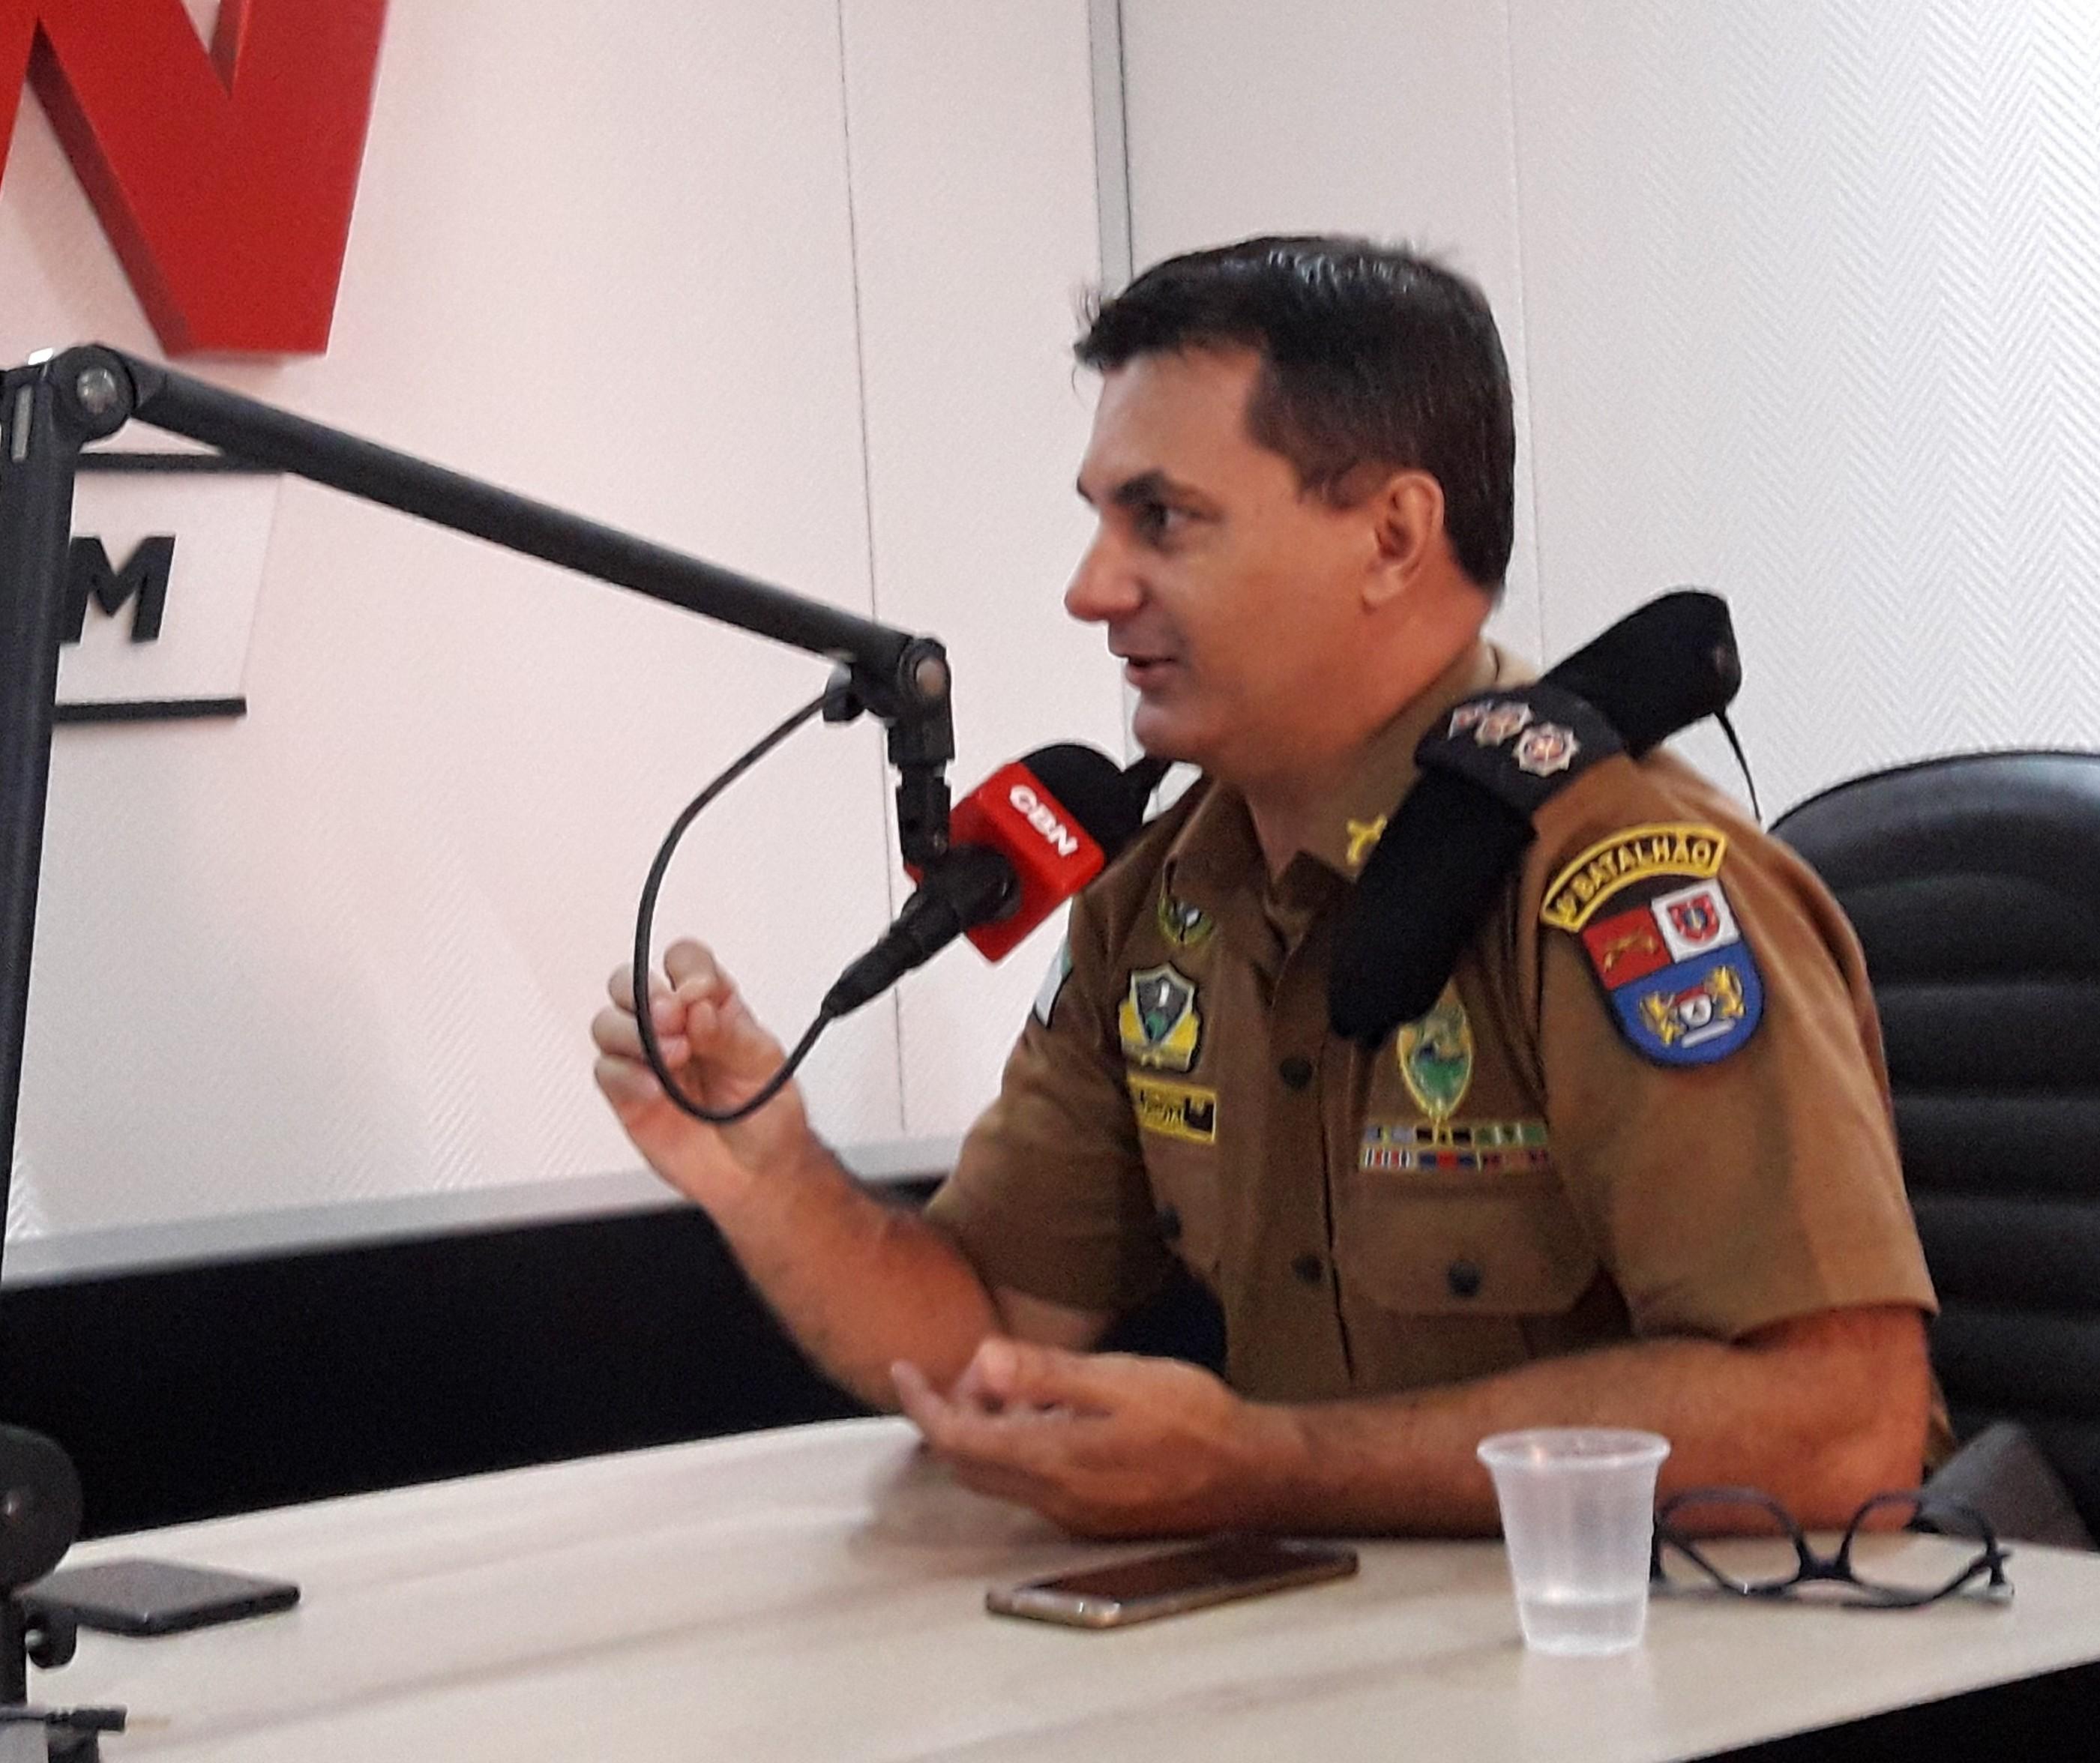 Policial militar vive momento de tensão em 12 horas de trabalho, não é fácil